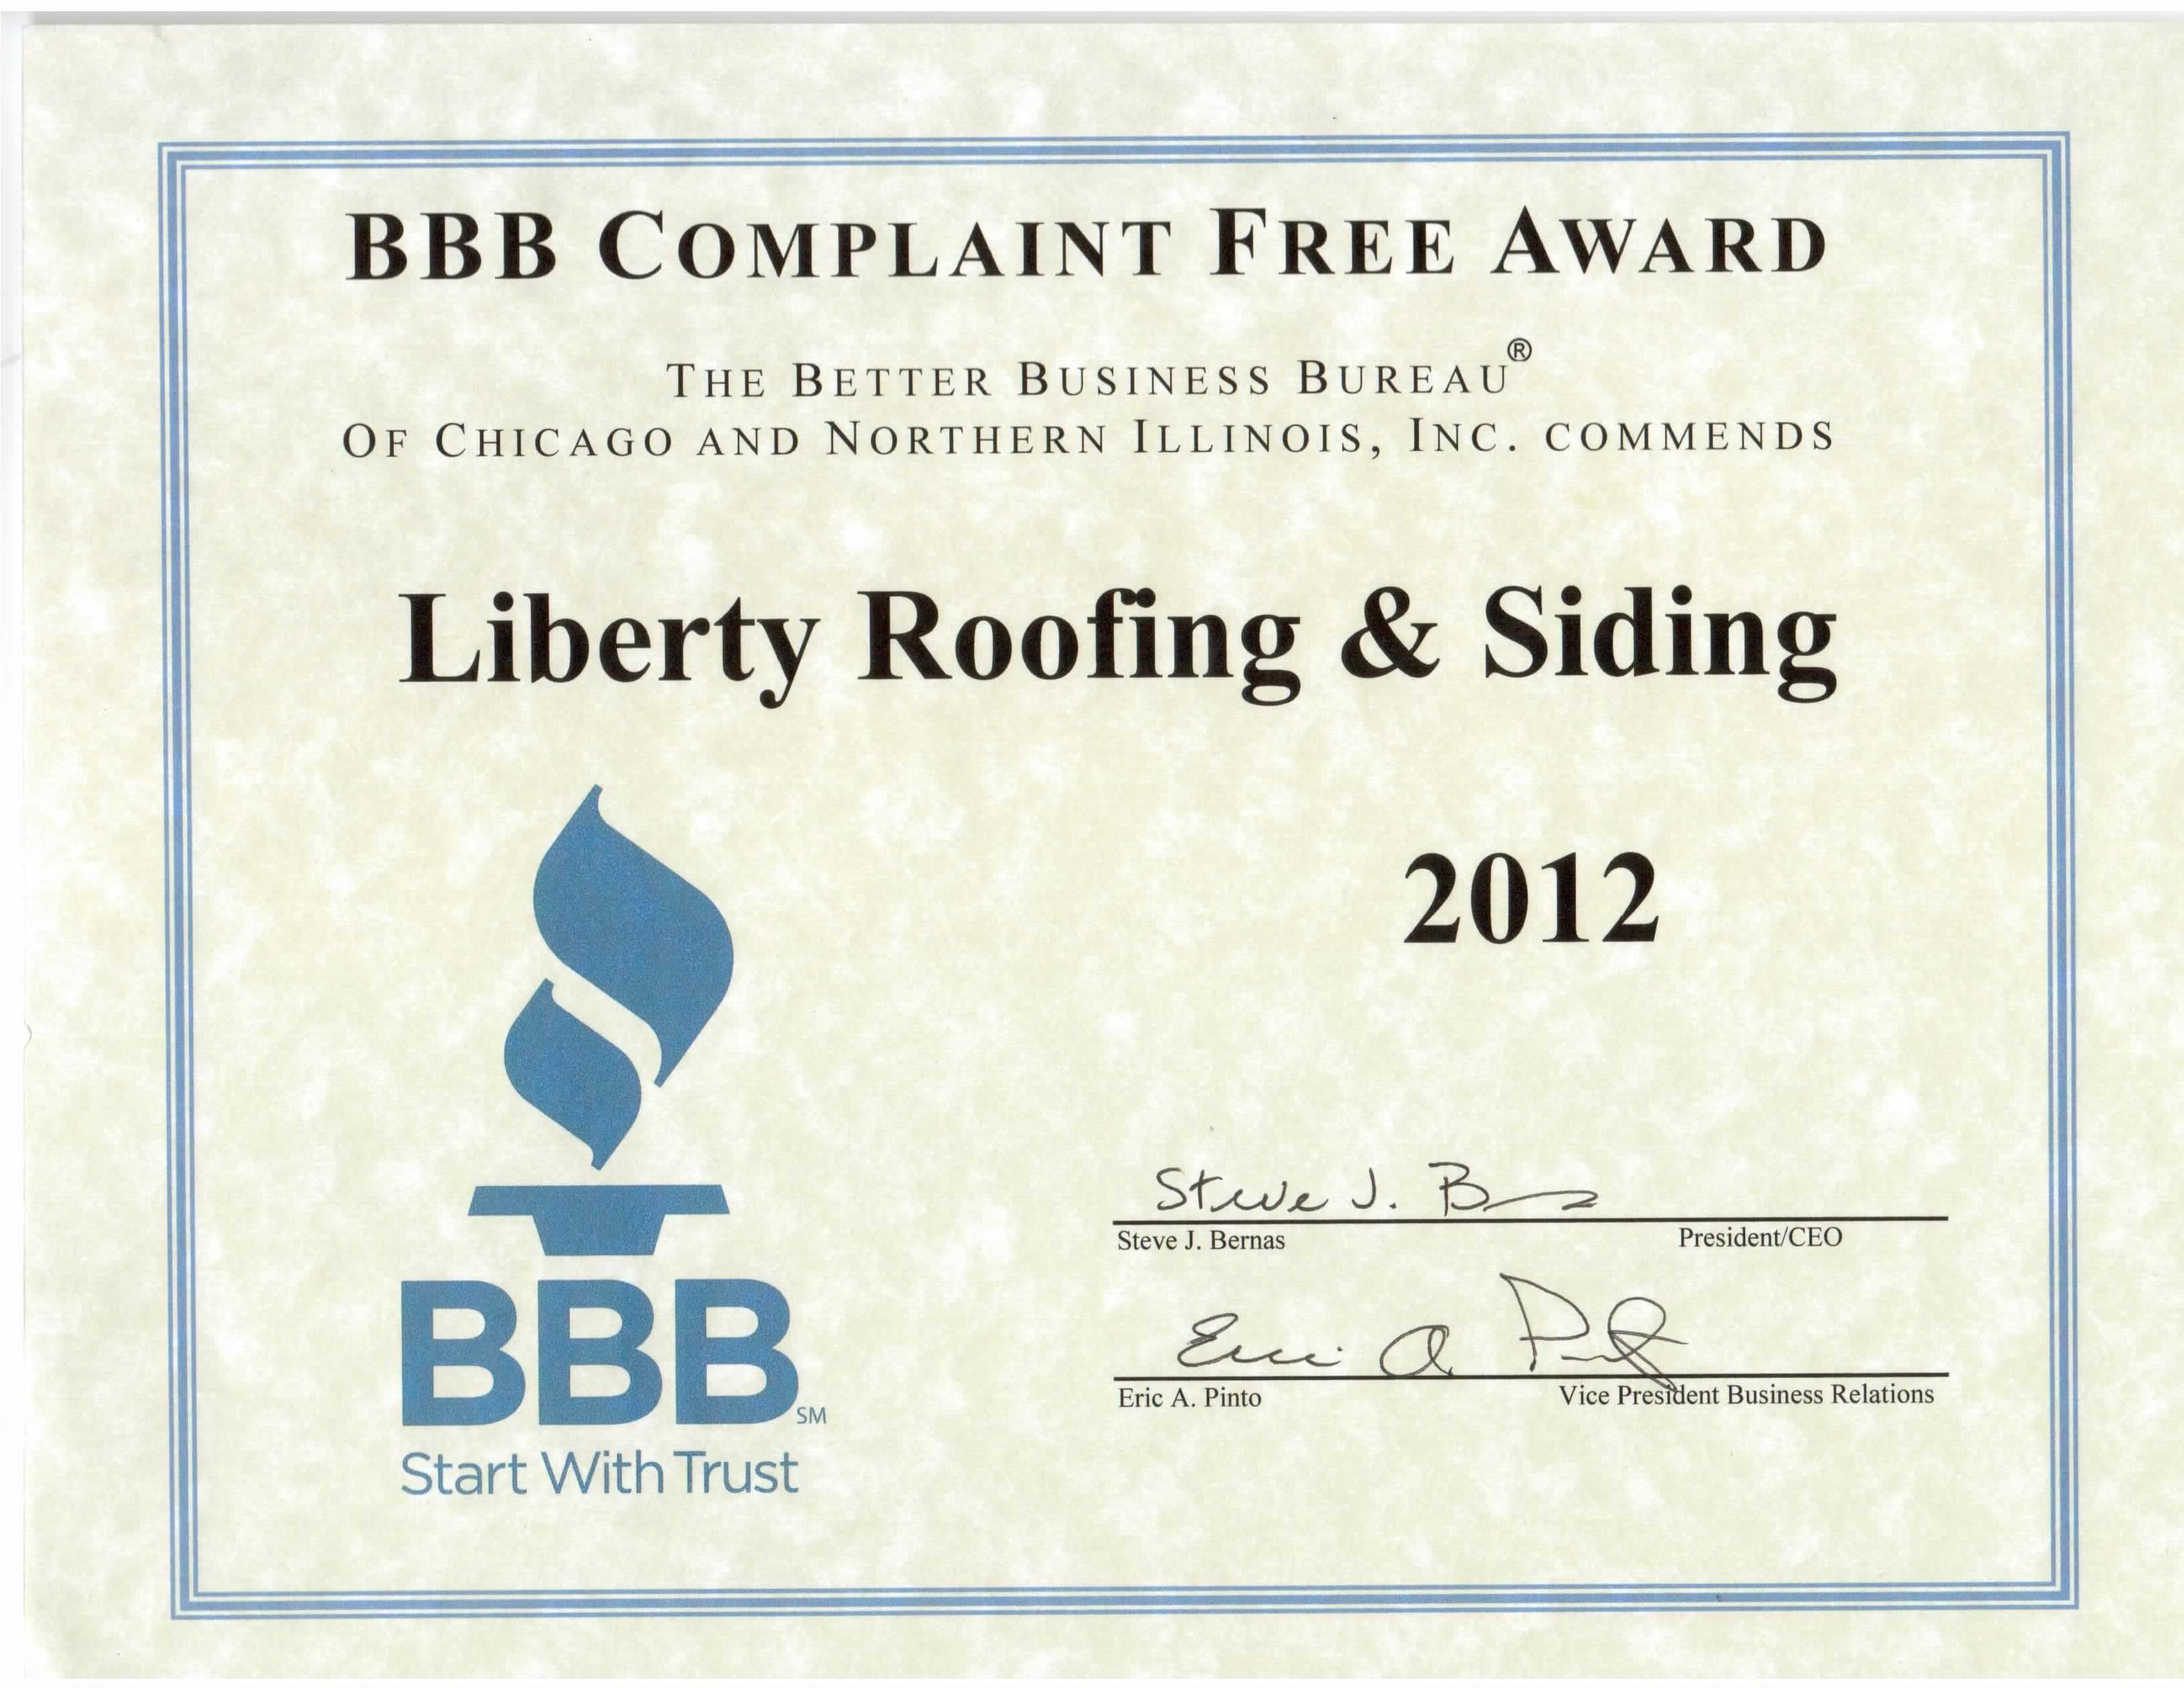 New Roof Elgin Illinois Referral Letter Elgin Roofing